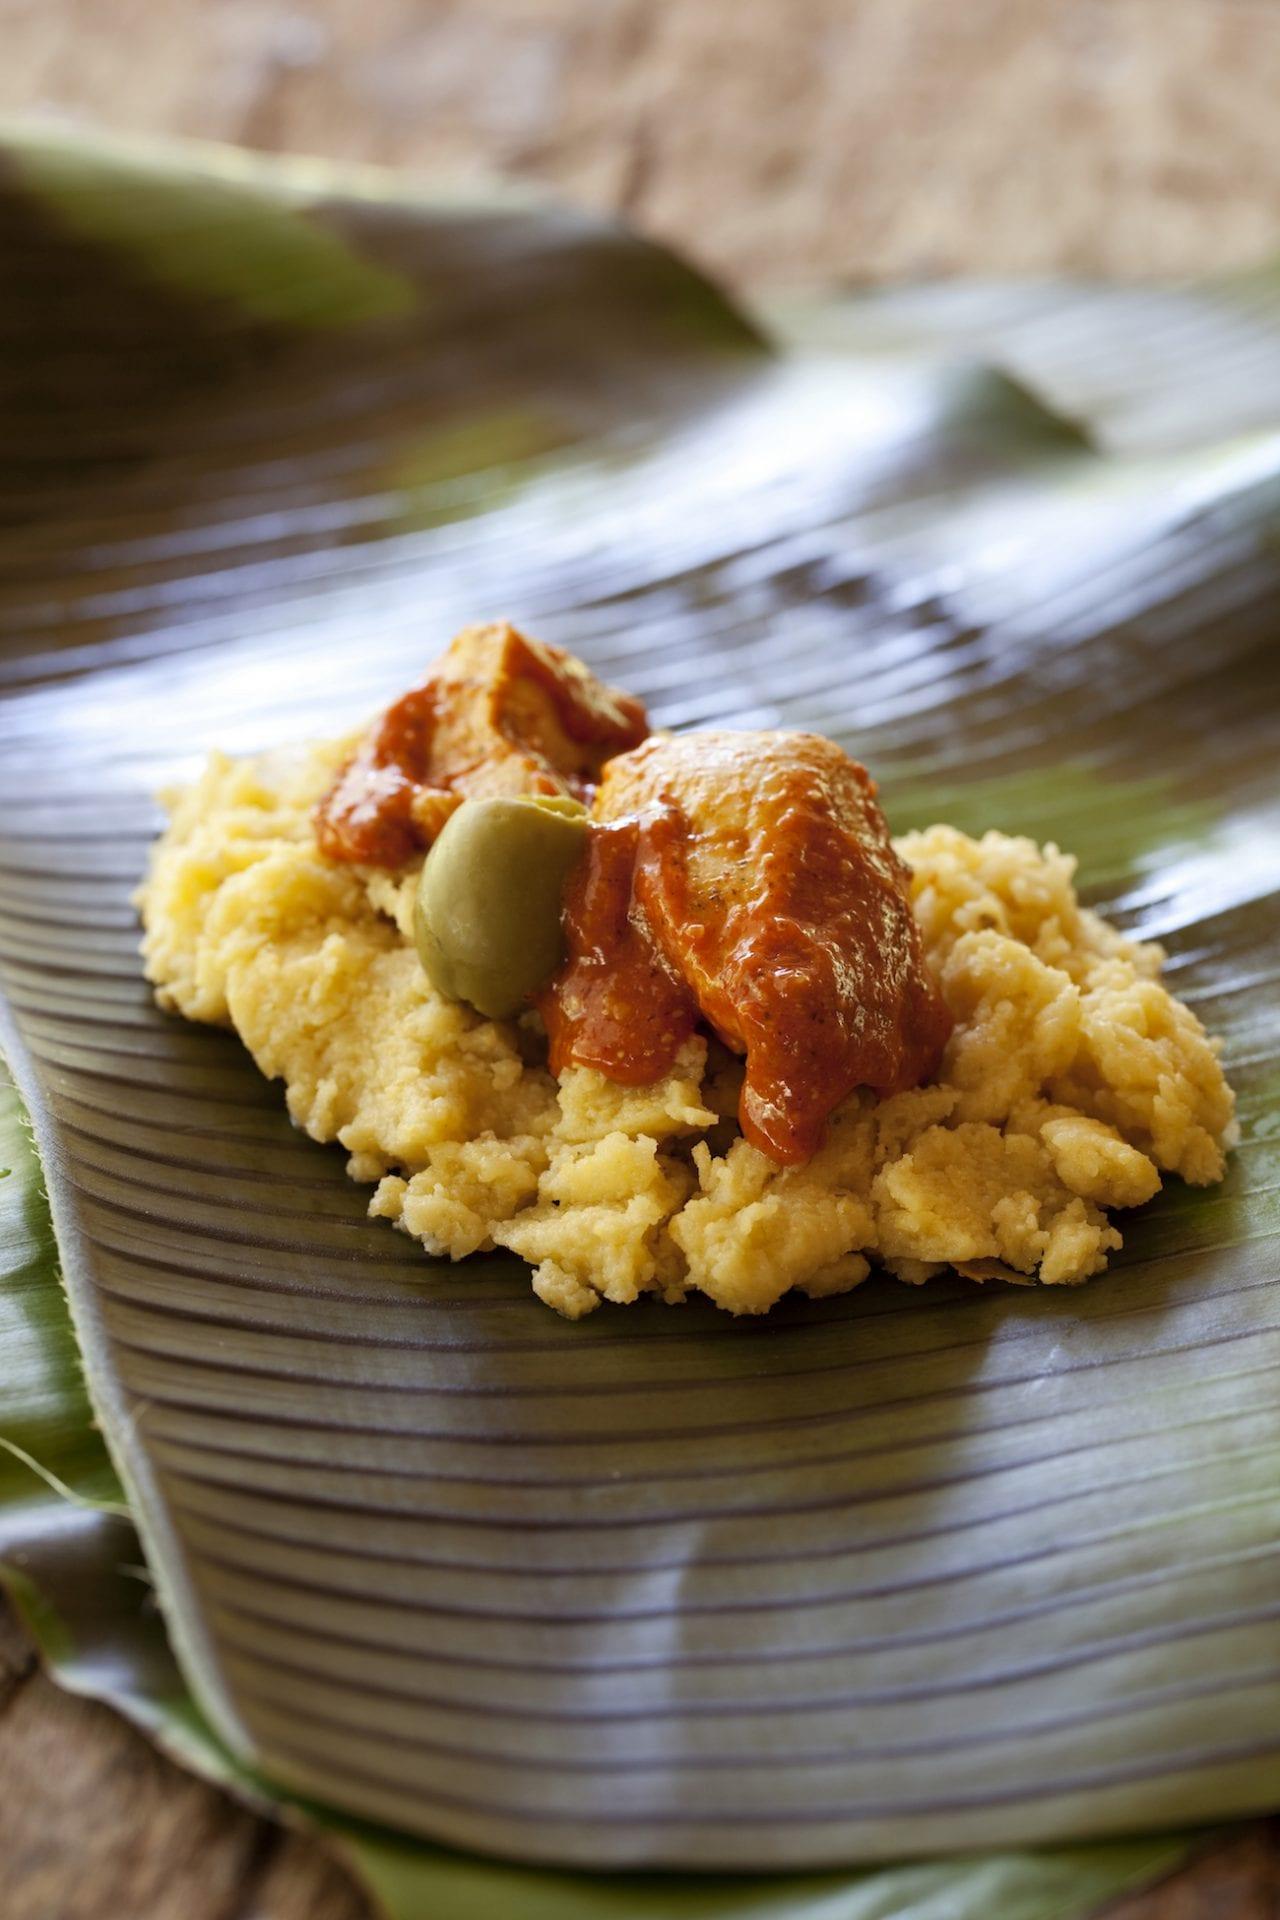 tamales filling